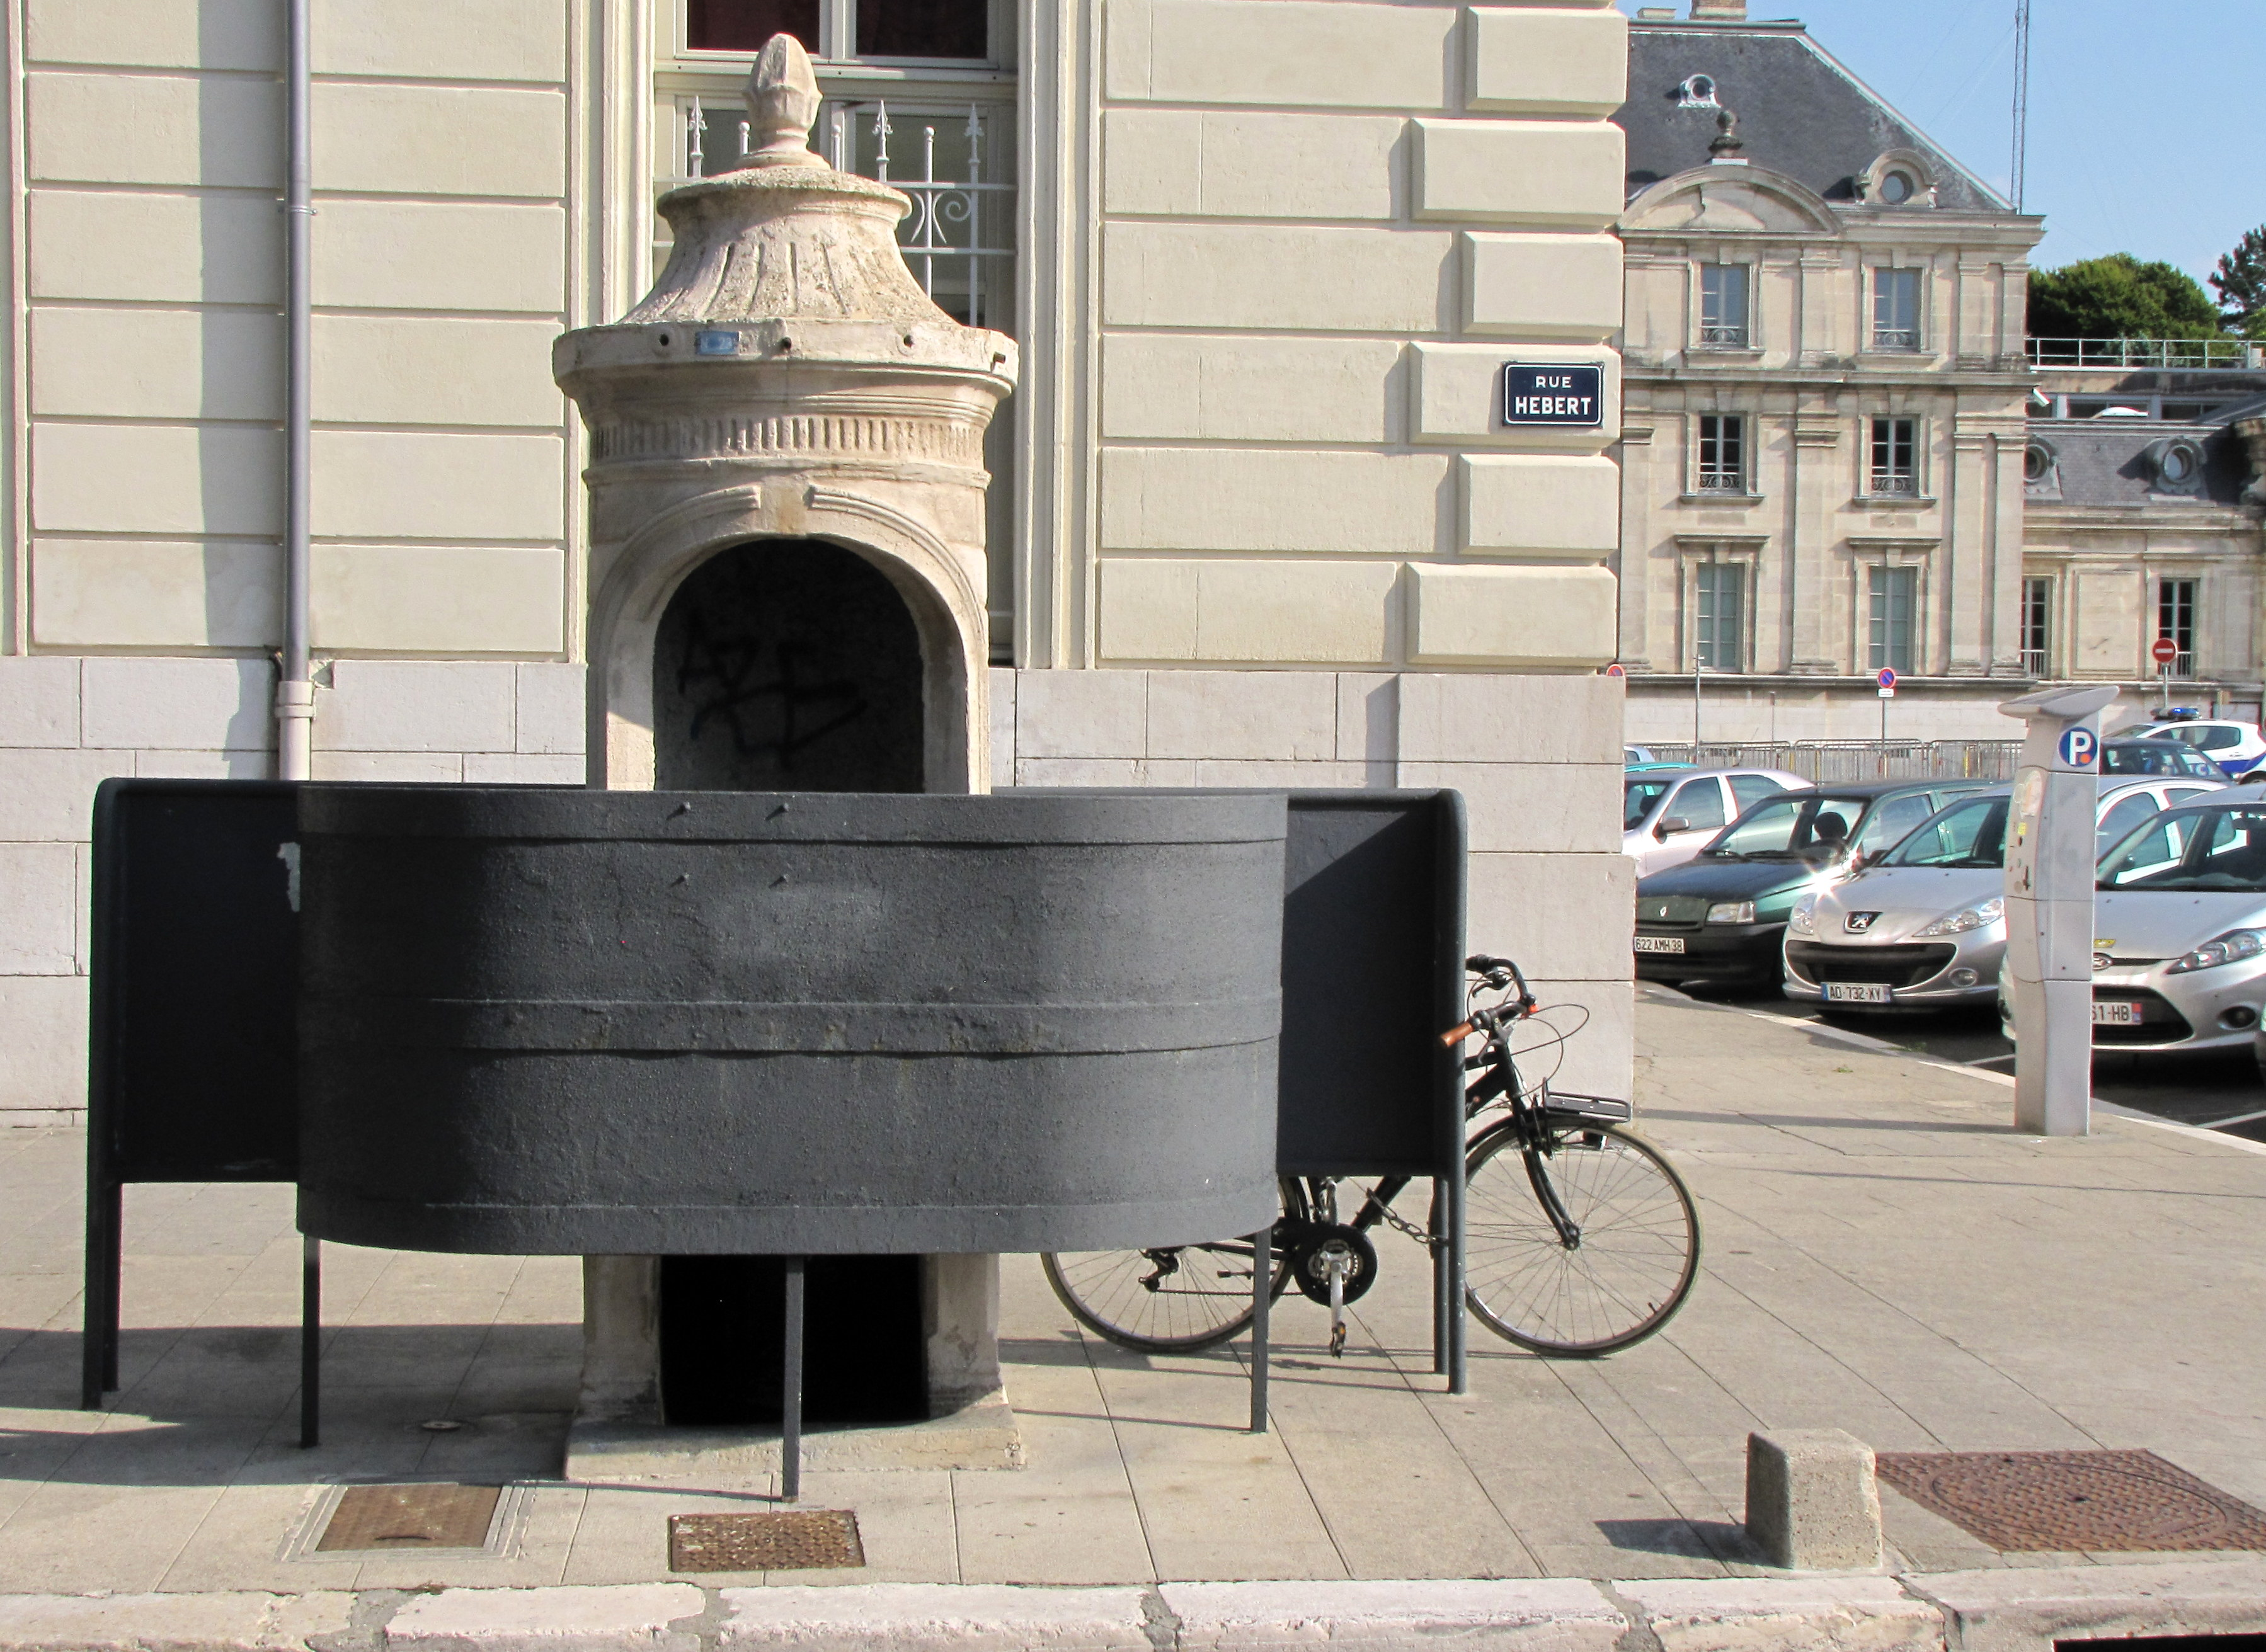 STREET VIEW : la dernière vespasienne de Bruxelles 20732084256_22d6079b8b_o